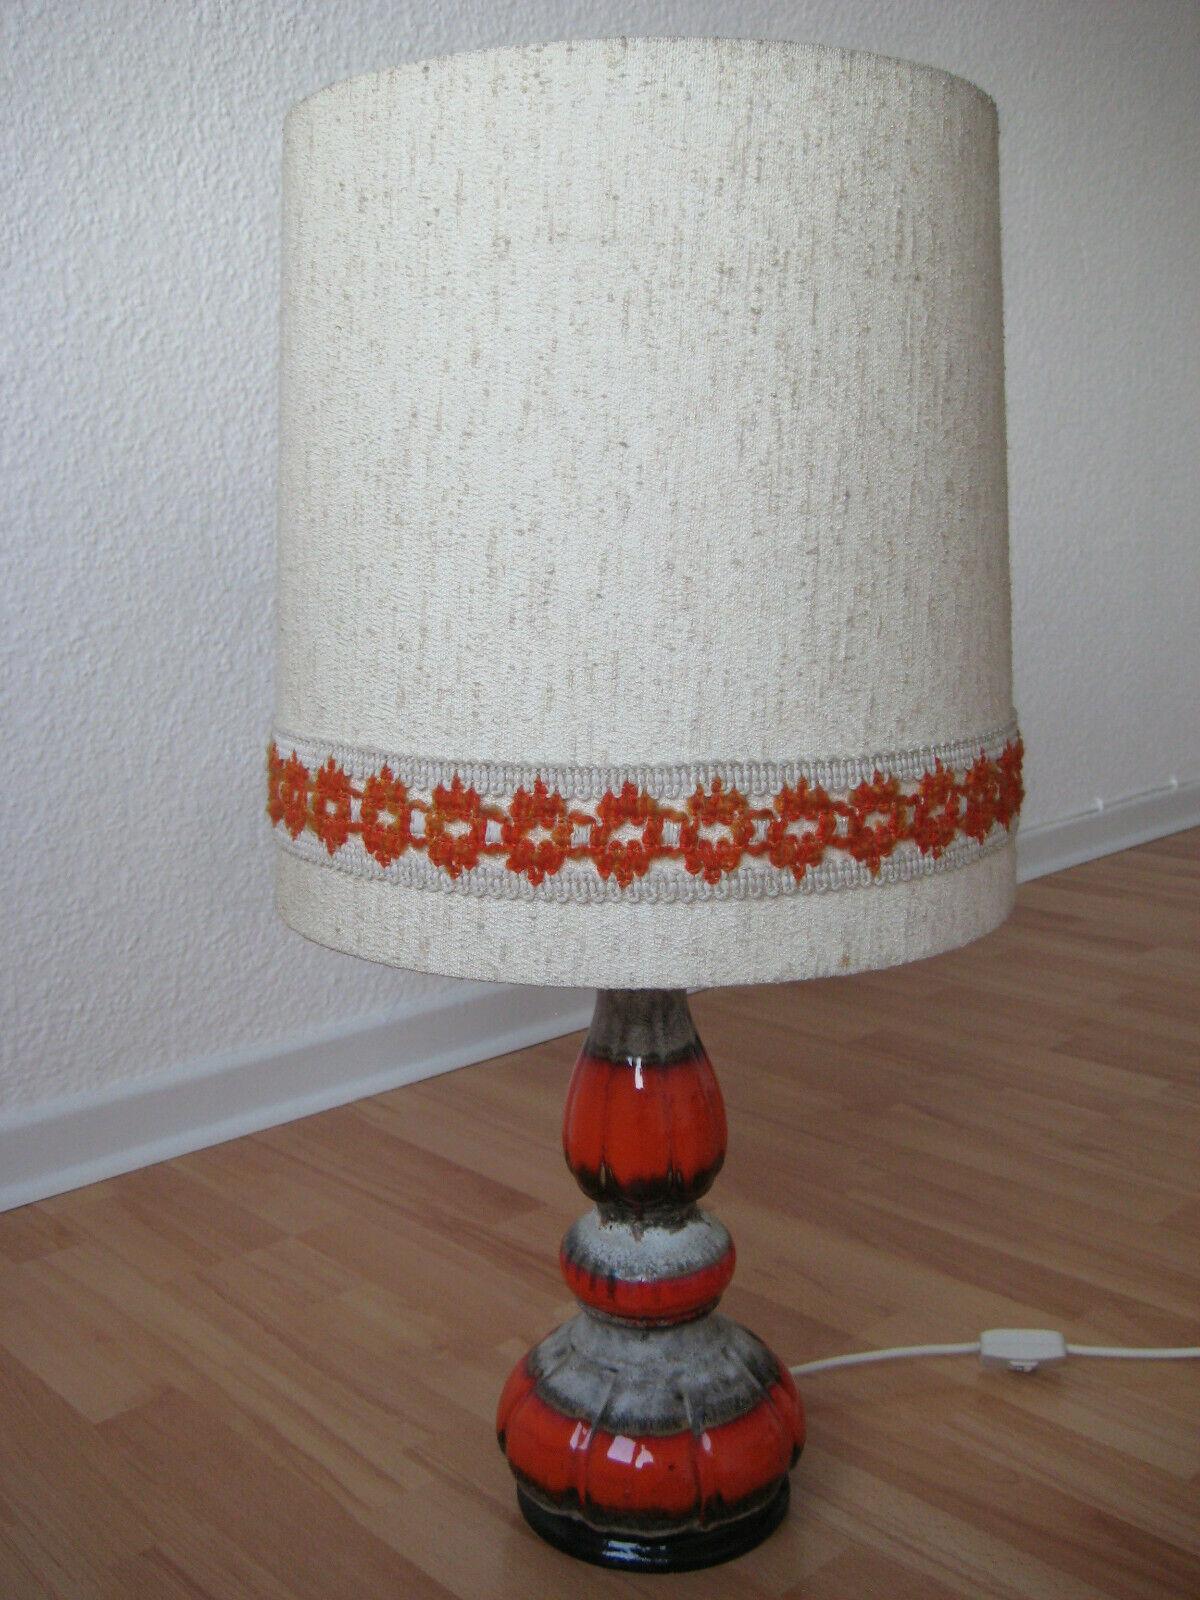 Tischlampe Stehlampe 70er Jahre Fat Lava Keramikfuß Orange HUSTADT Leuchten TOP